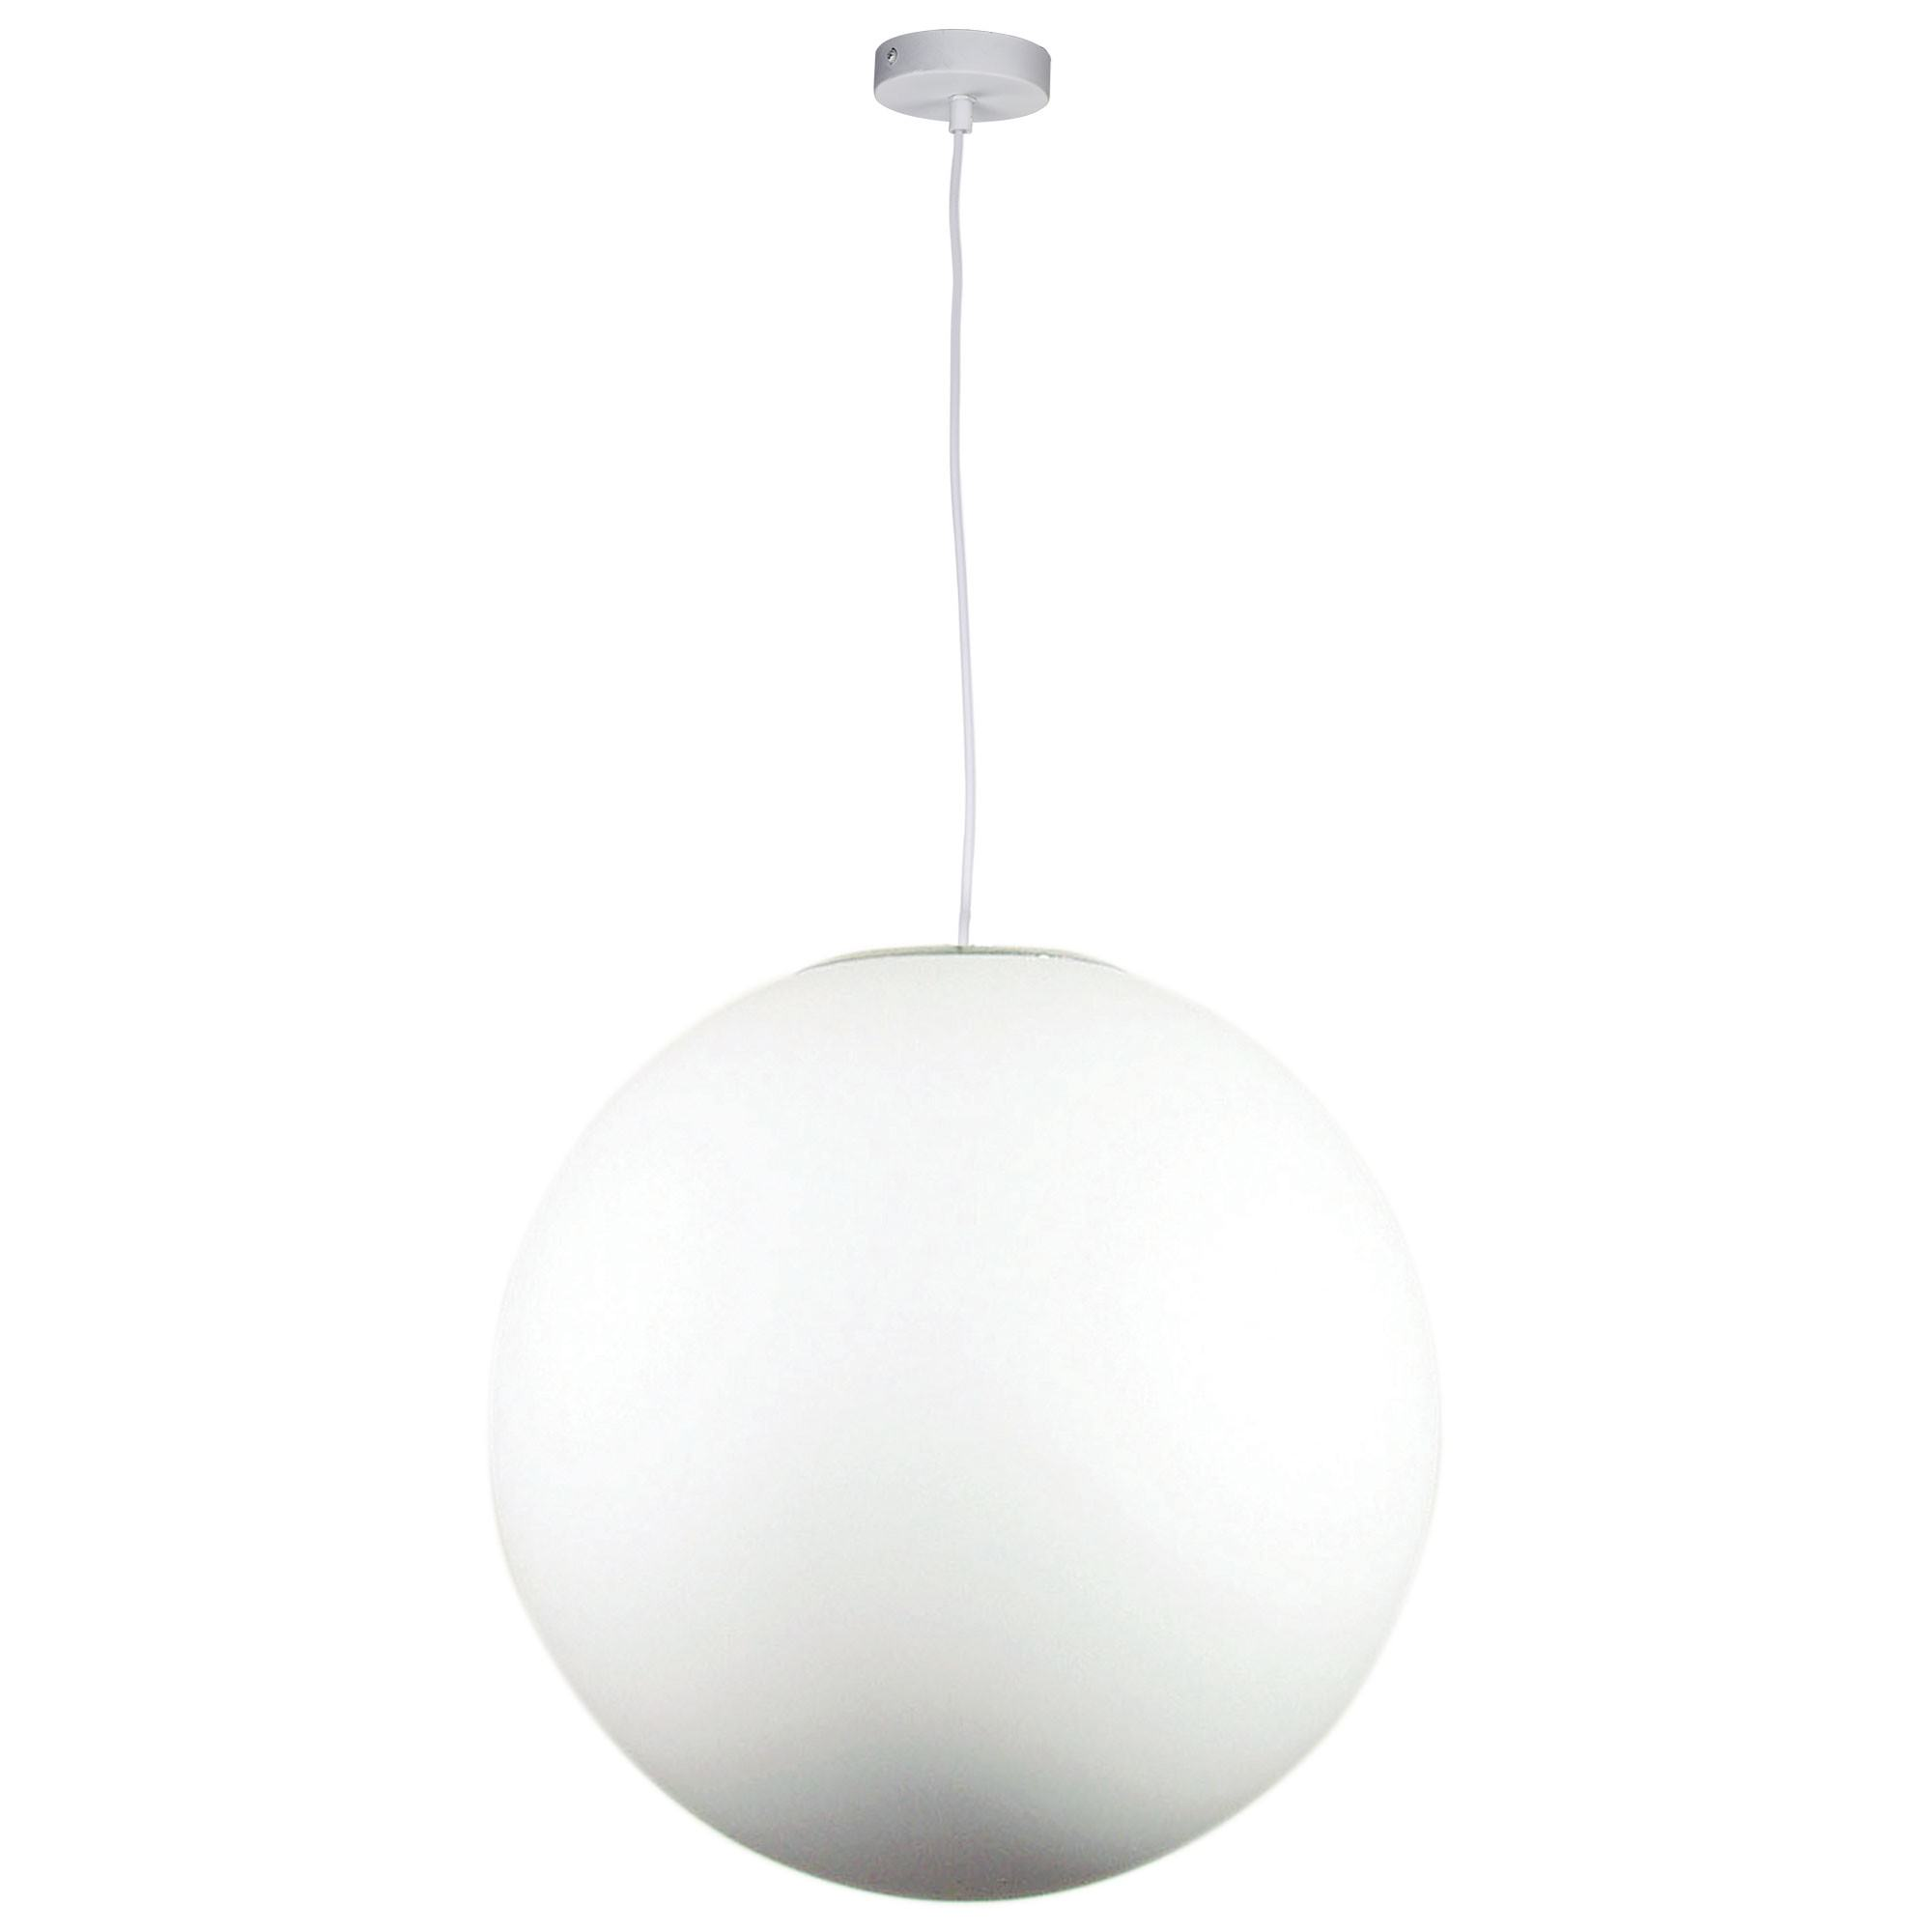 Phase Sphere Pendant Light, 50cm